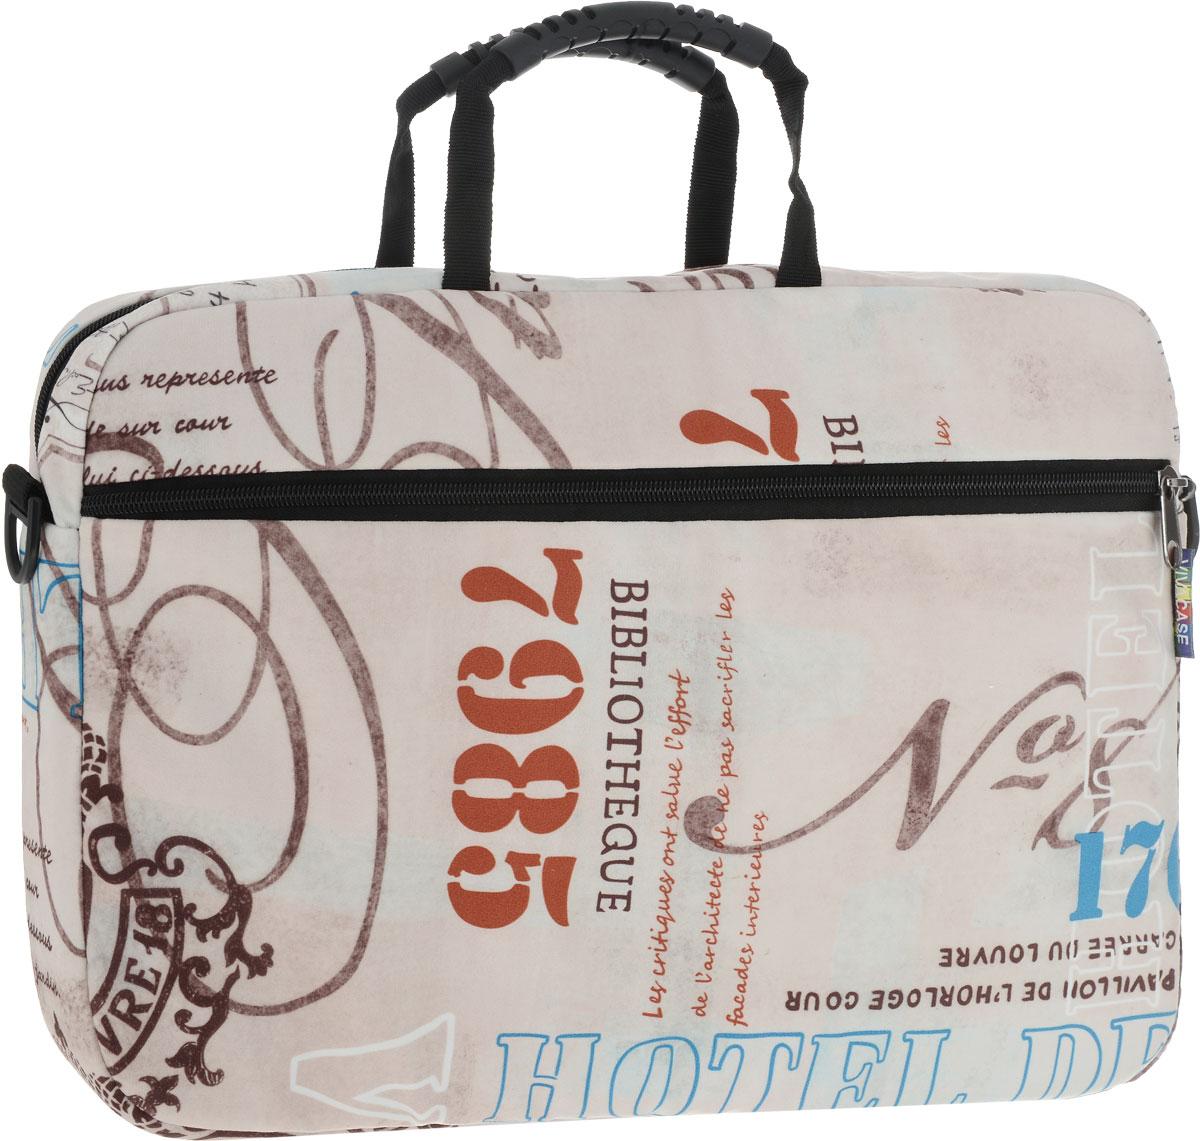 лучшая цена Vivacase Voyage, Beige Brown сумка для ноутбука 15,6